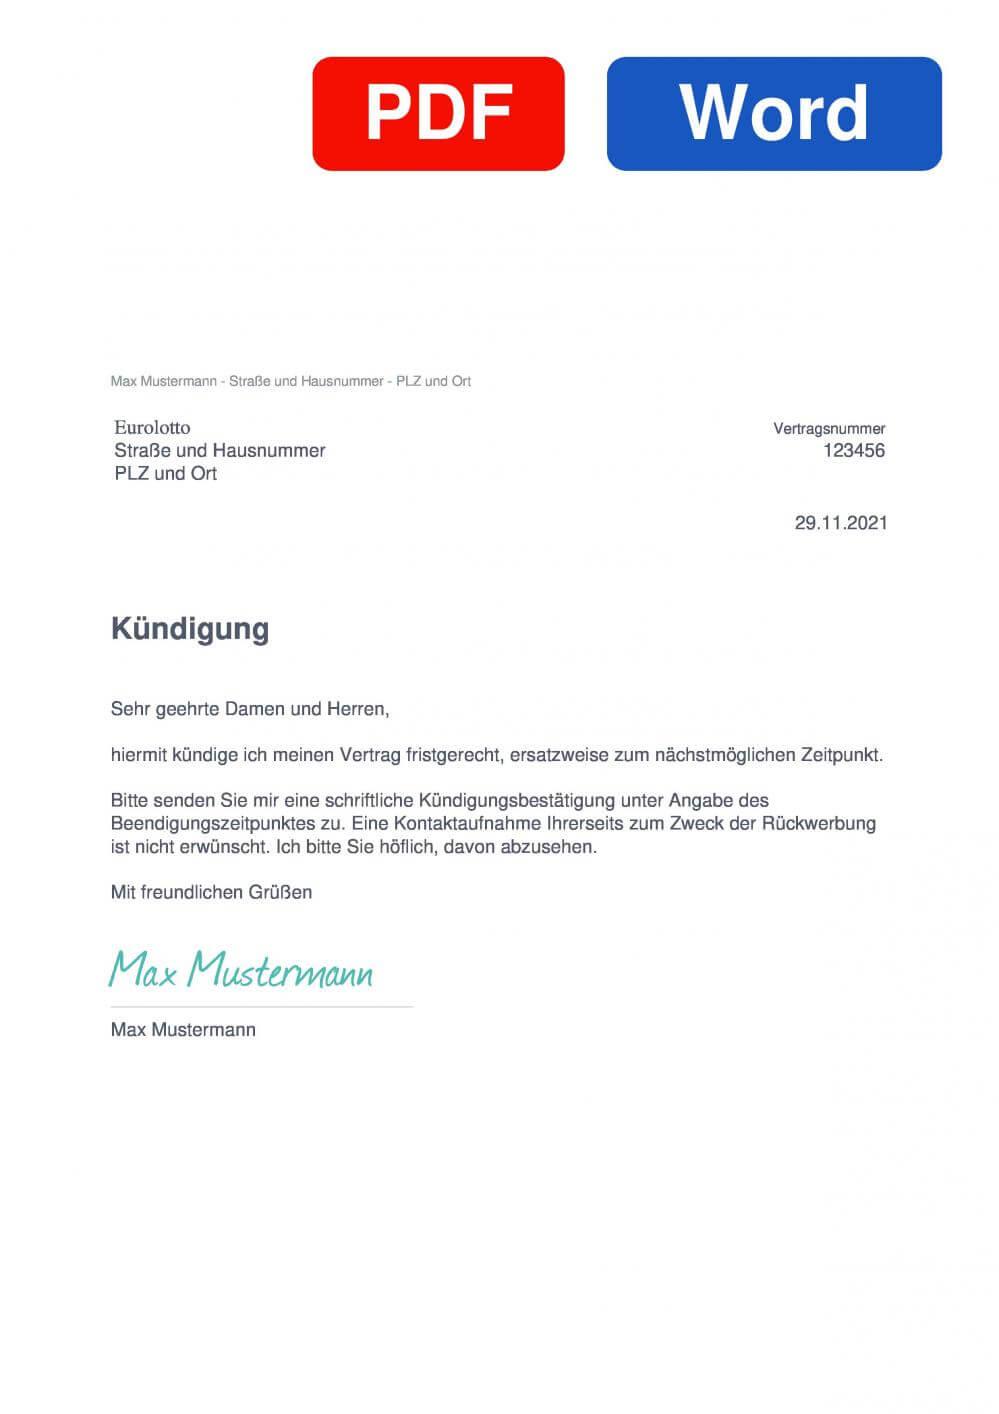 Eurolotto Muster Vorlage für Kündigungsschreiben